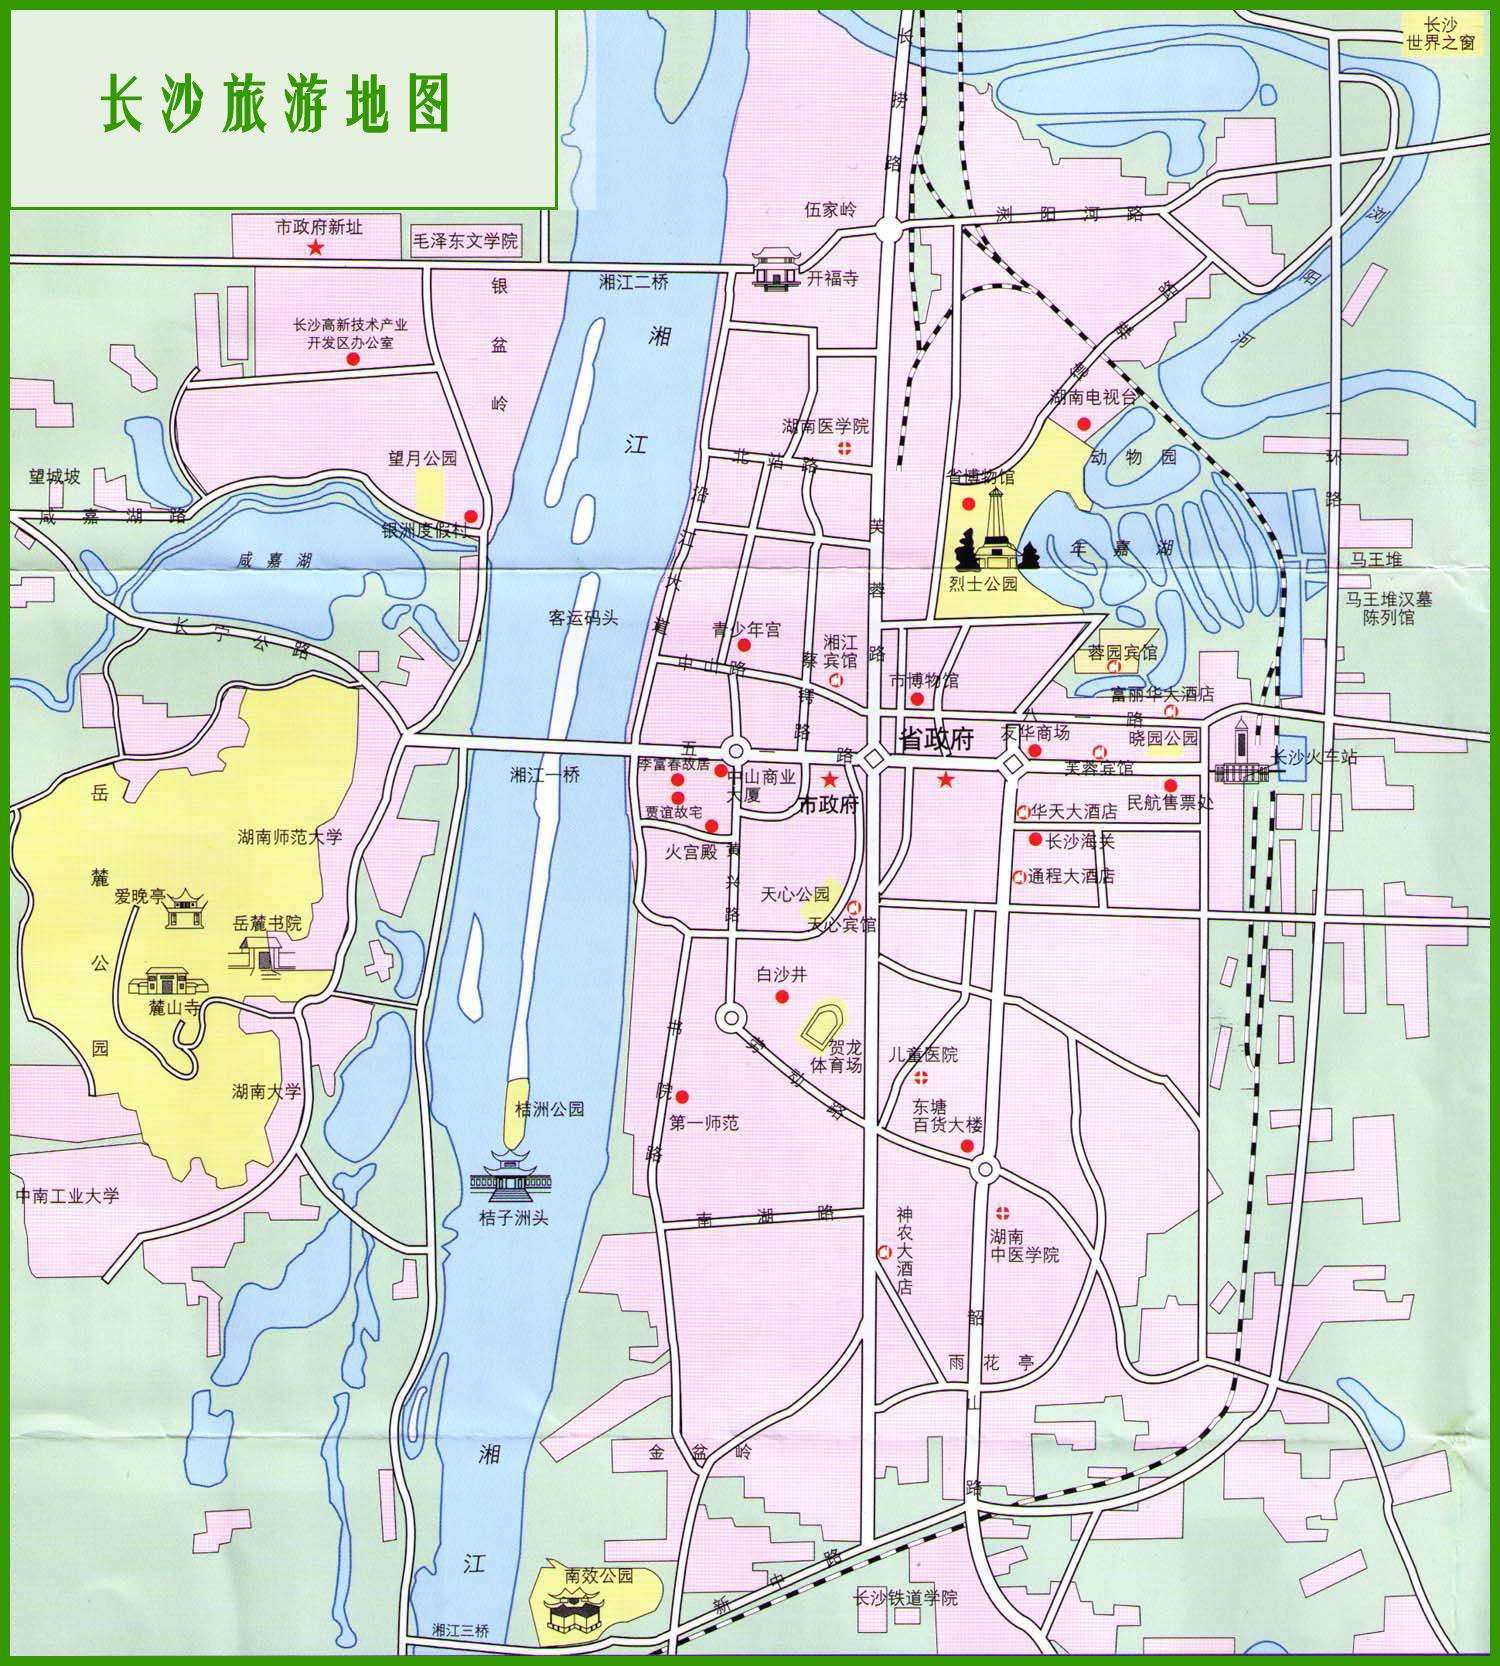 湖南长沙市区旅游地图_长沙市旅游景点地图查询